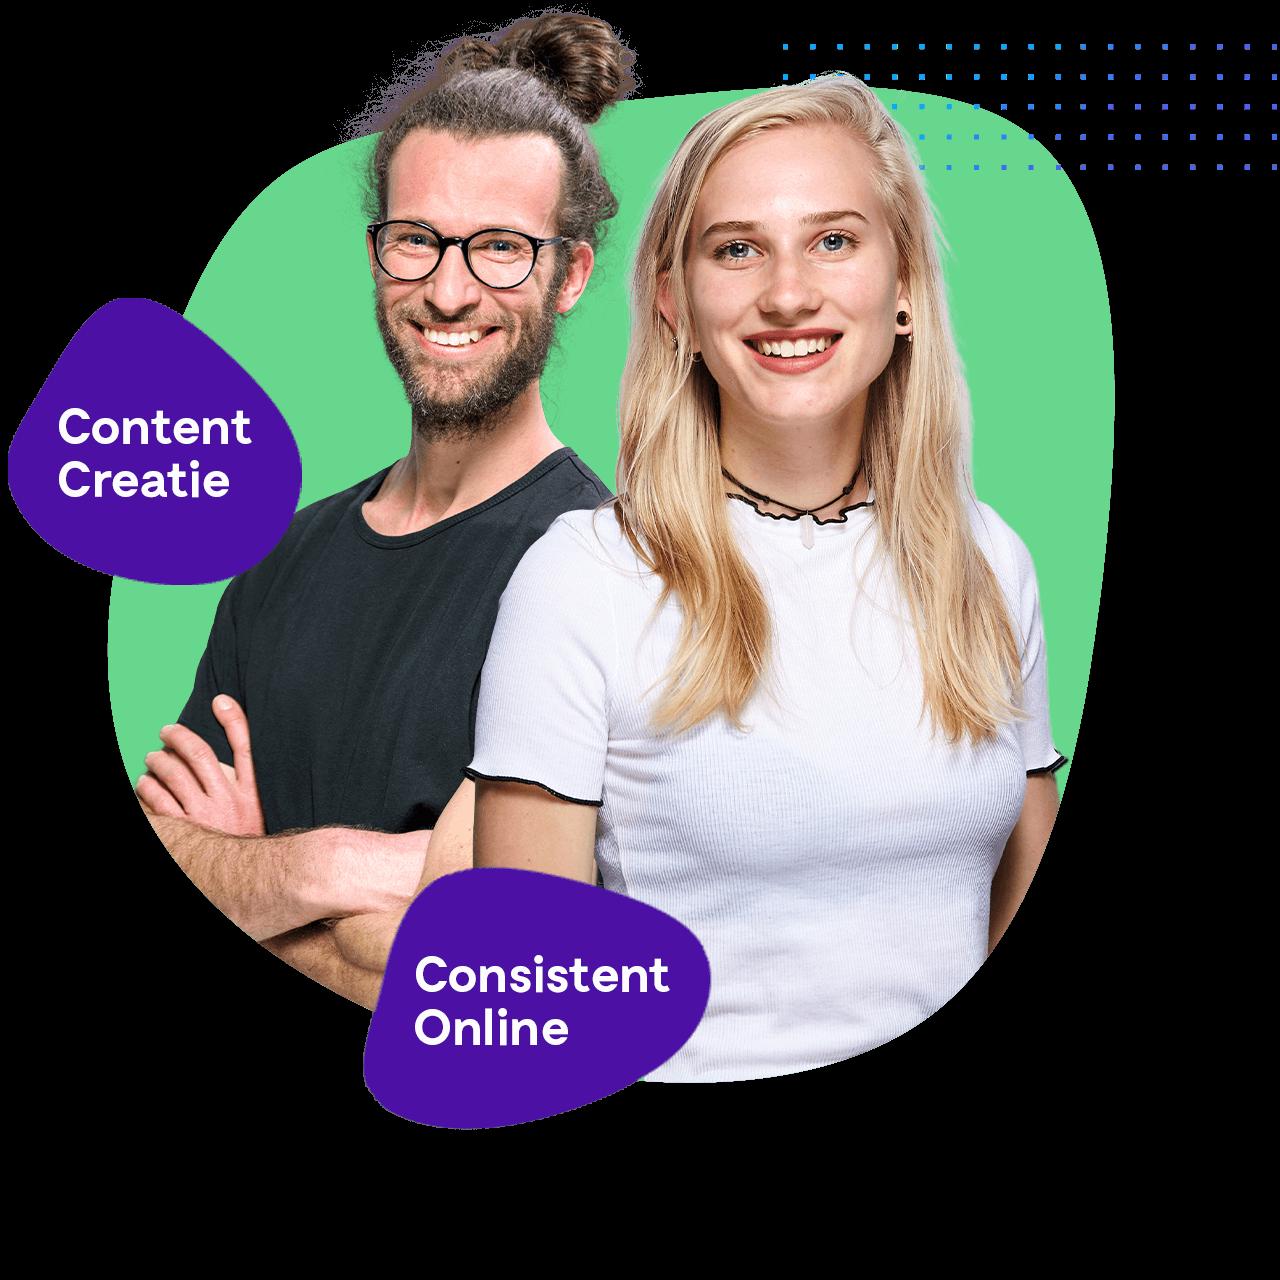 content-creatie